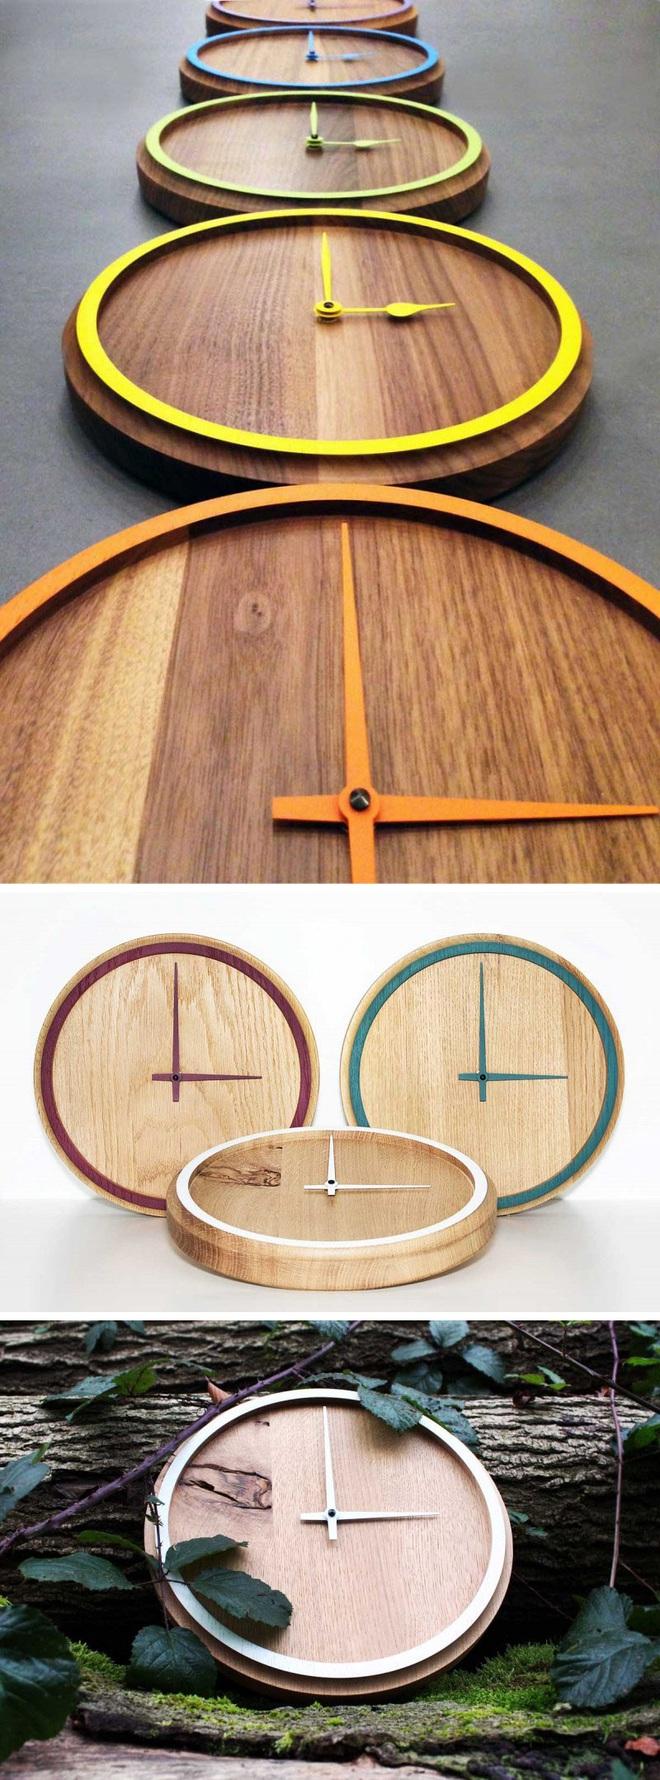 14 mẫu đồng hồ đẹp hết ý dùng để trang trí nội thất - Ảnh 13.